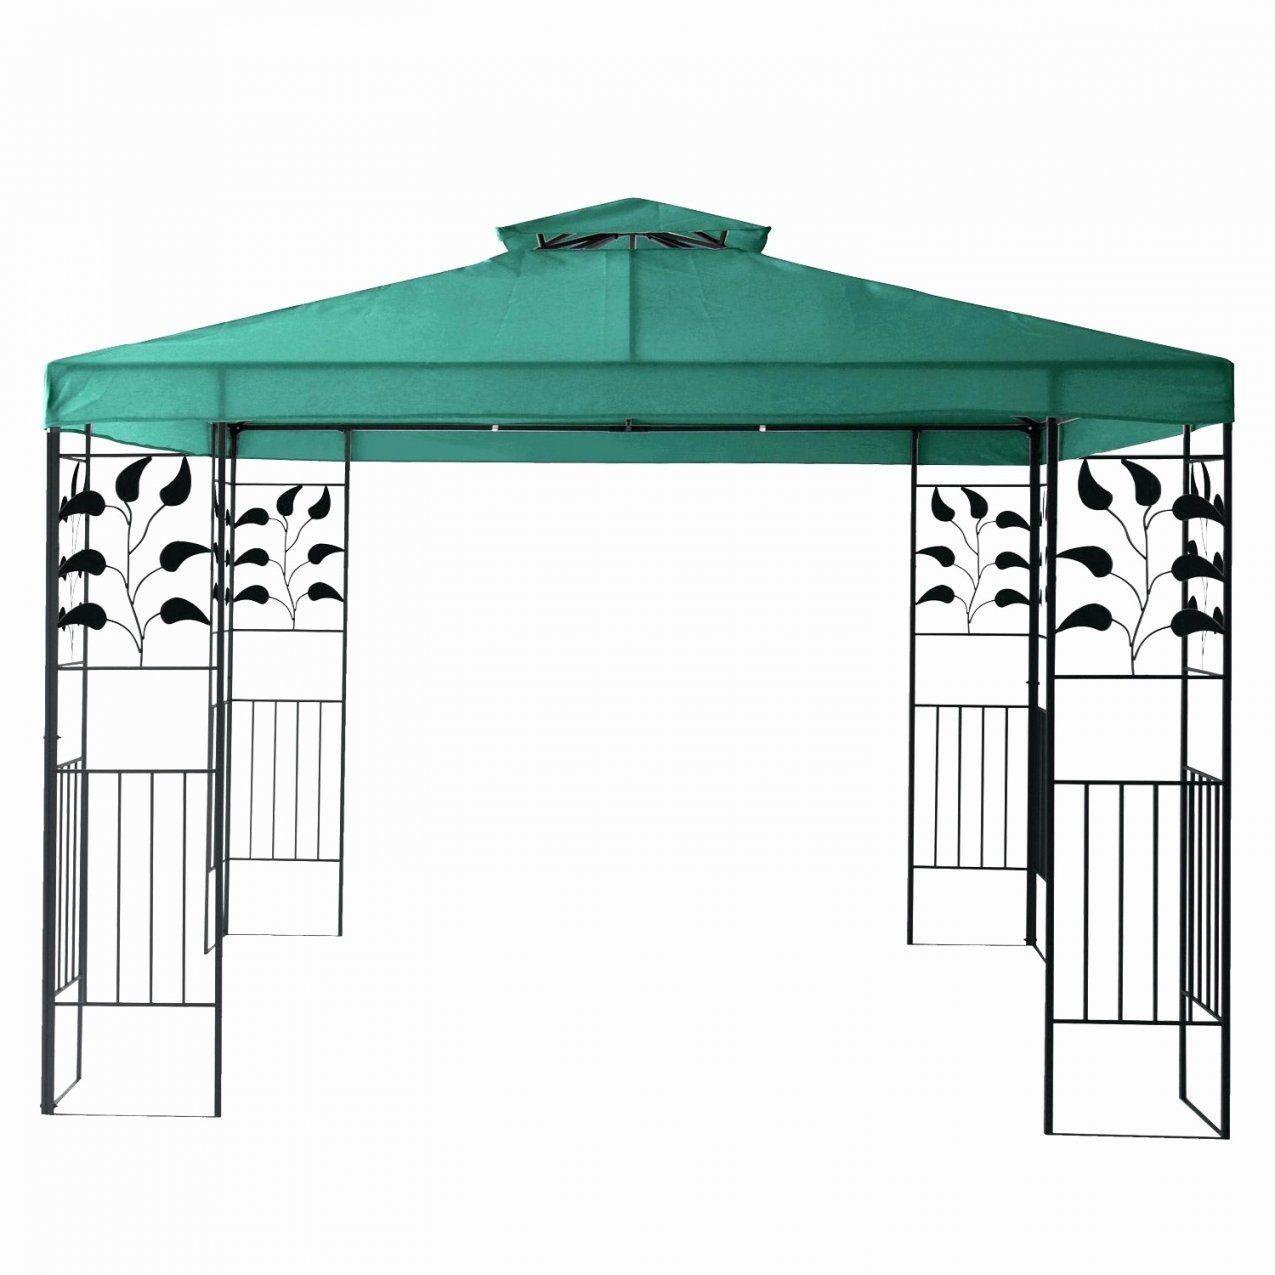 Pavillon 3X3 Wasserdicht Einzigartig Gartenpavillon Metall Eleganter von Pavillon 3X3 Wasserdicht Günstig Bild